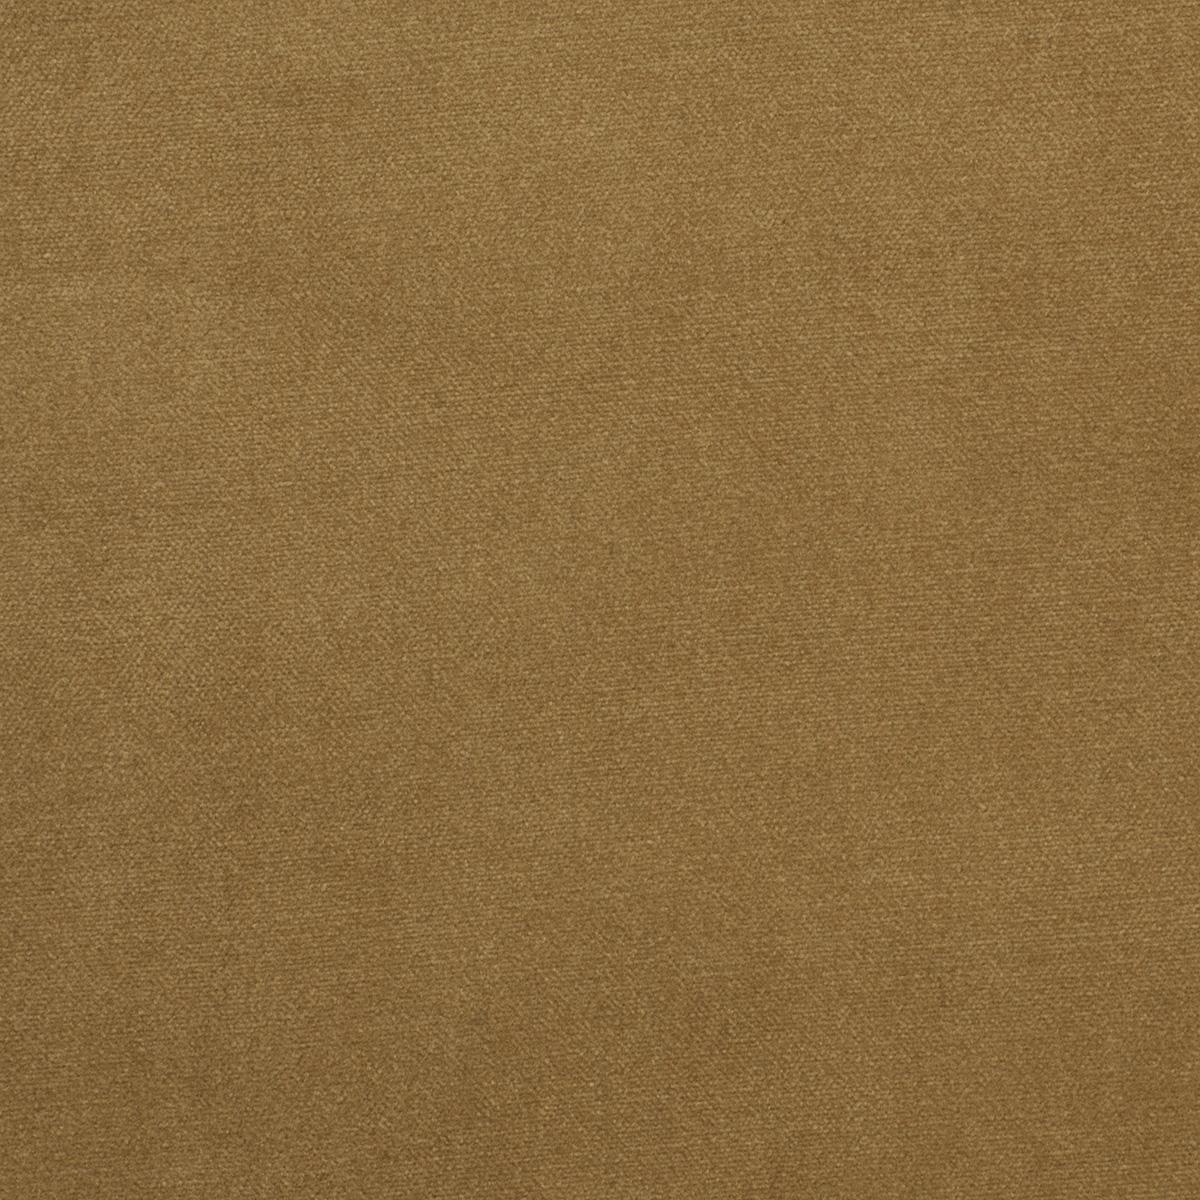 fb884b9840 Panache Velvet Beach | Fabric | Fabricut Contract